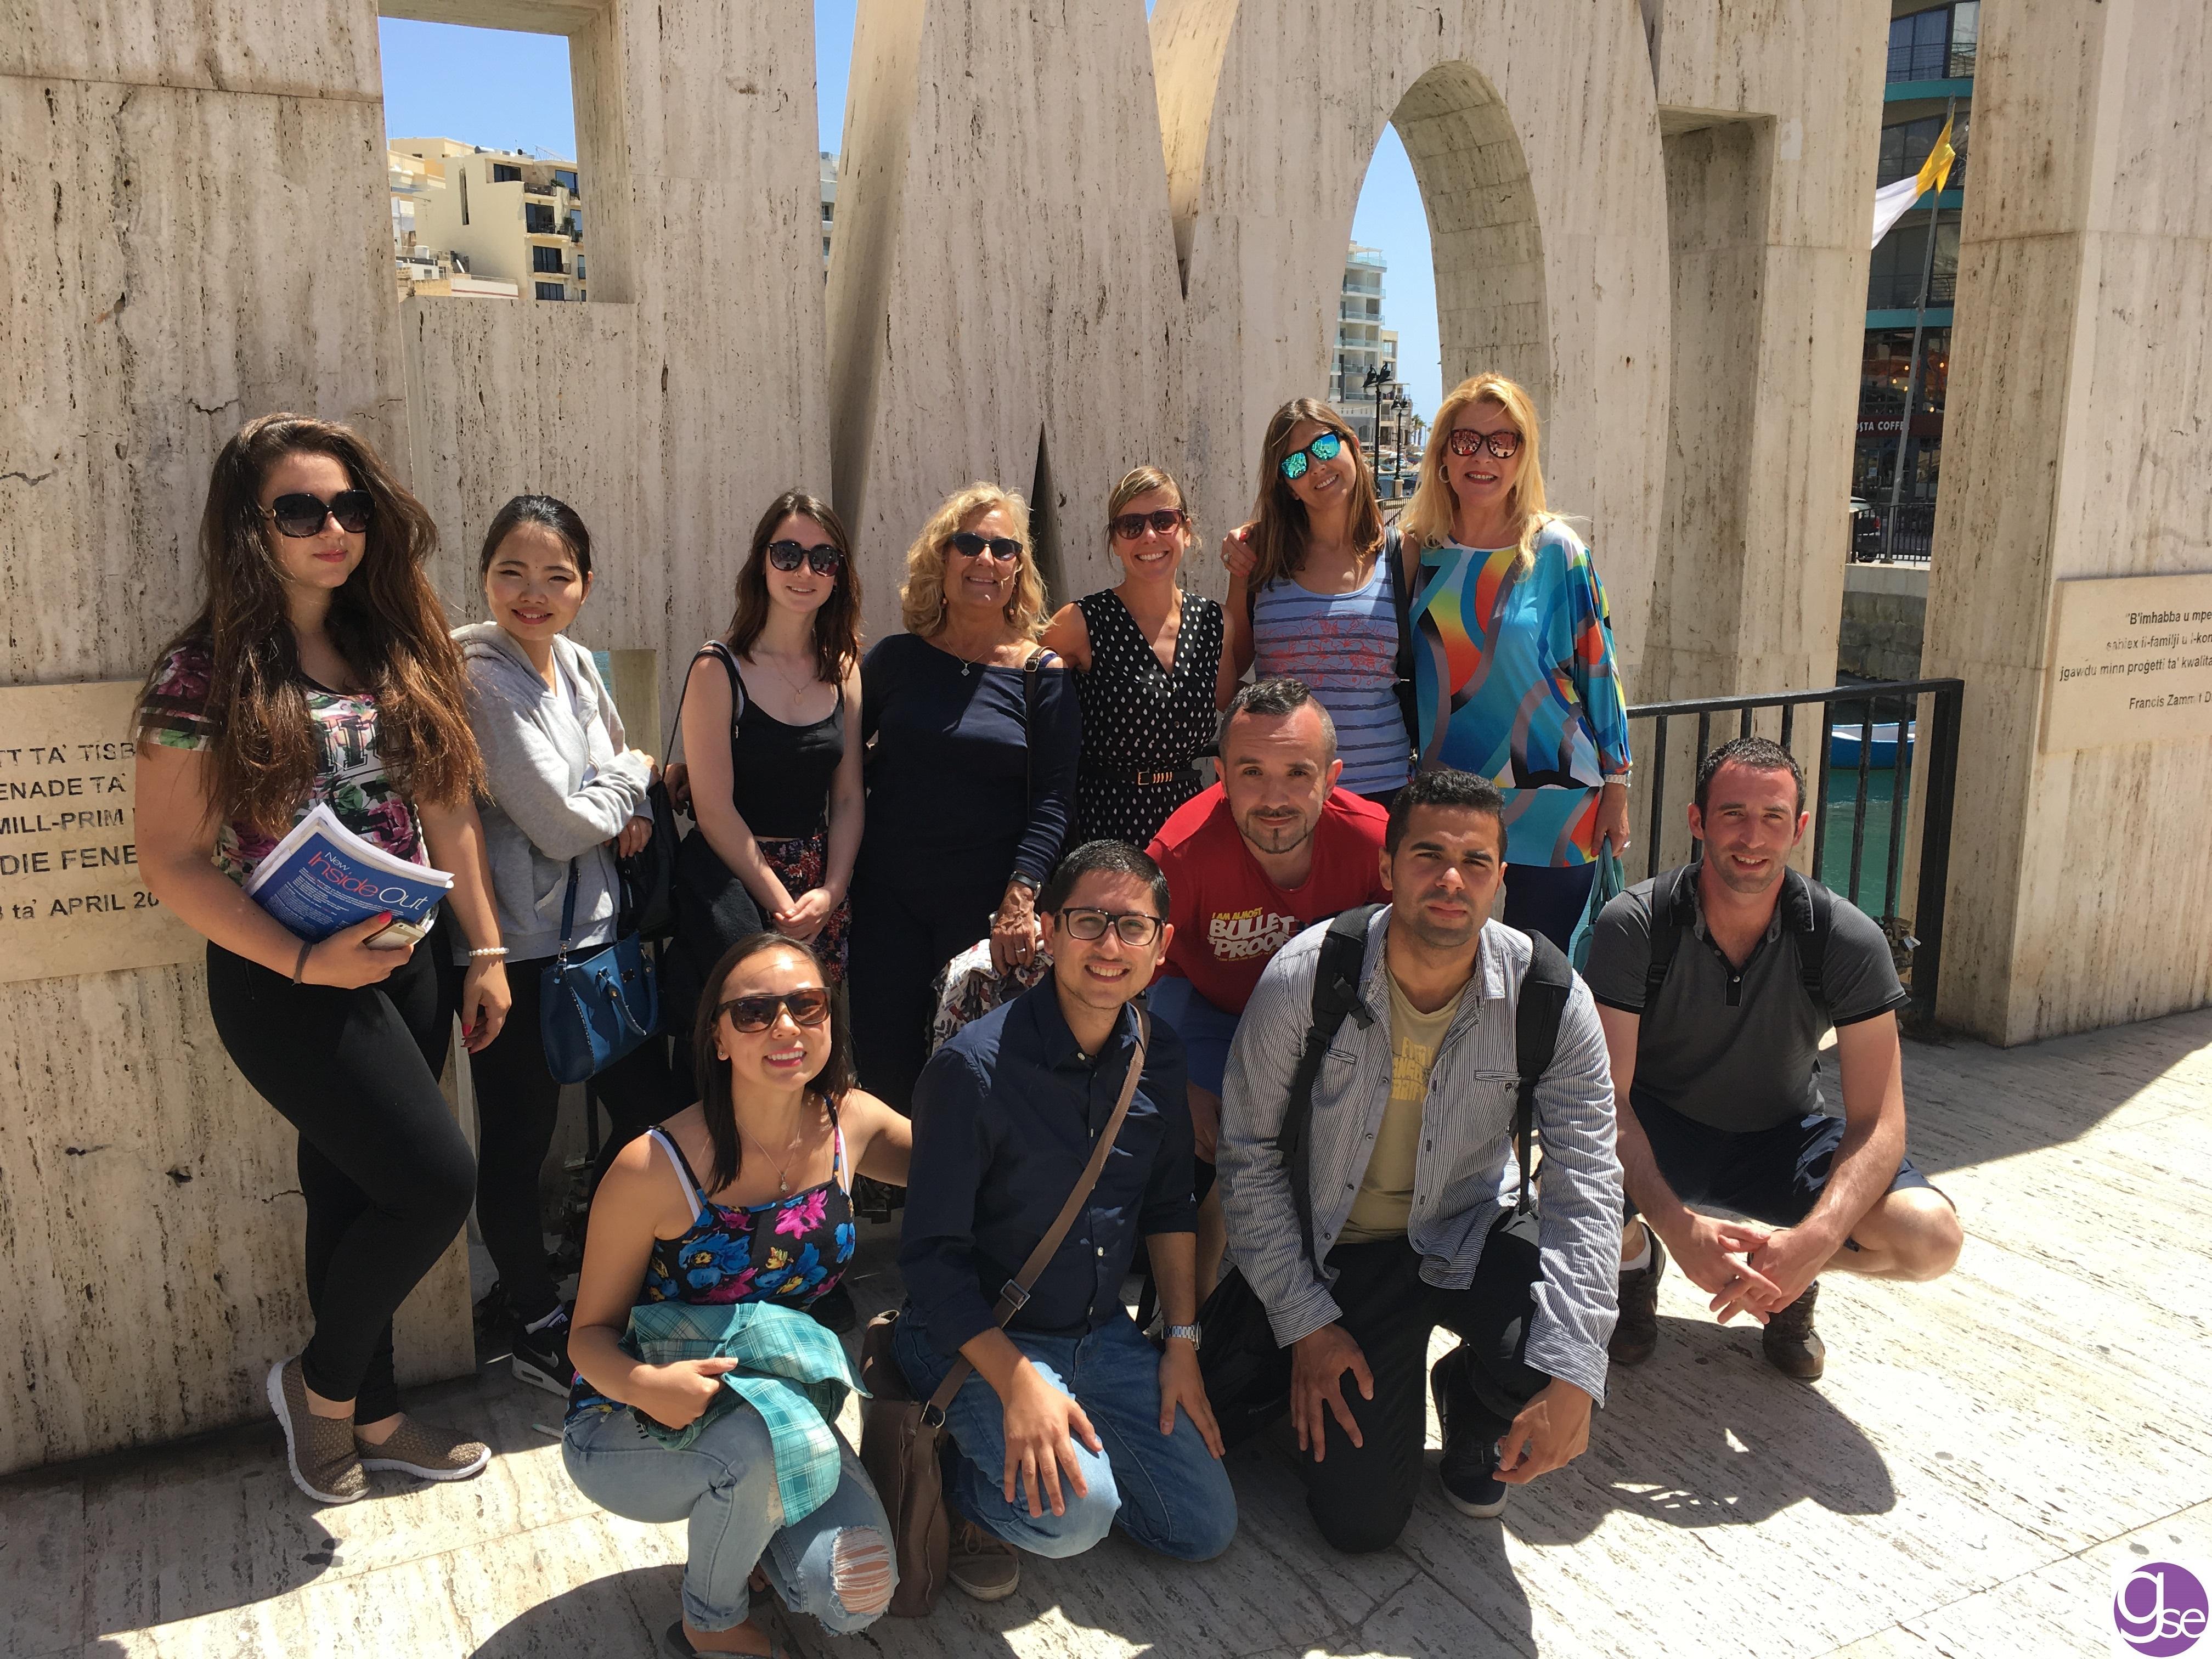 GSE Malta estudiantes al lado del monumento LOVE en St Julians Spinola Bay a 12 minutos andando desde la escuela